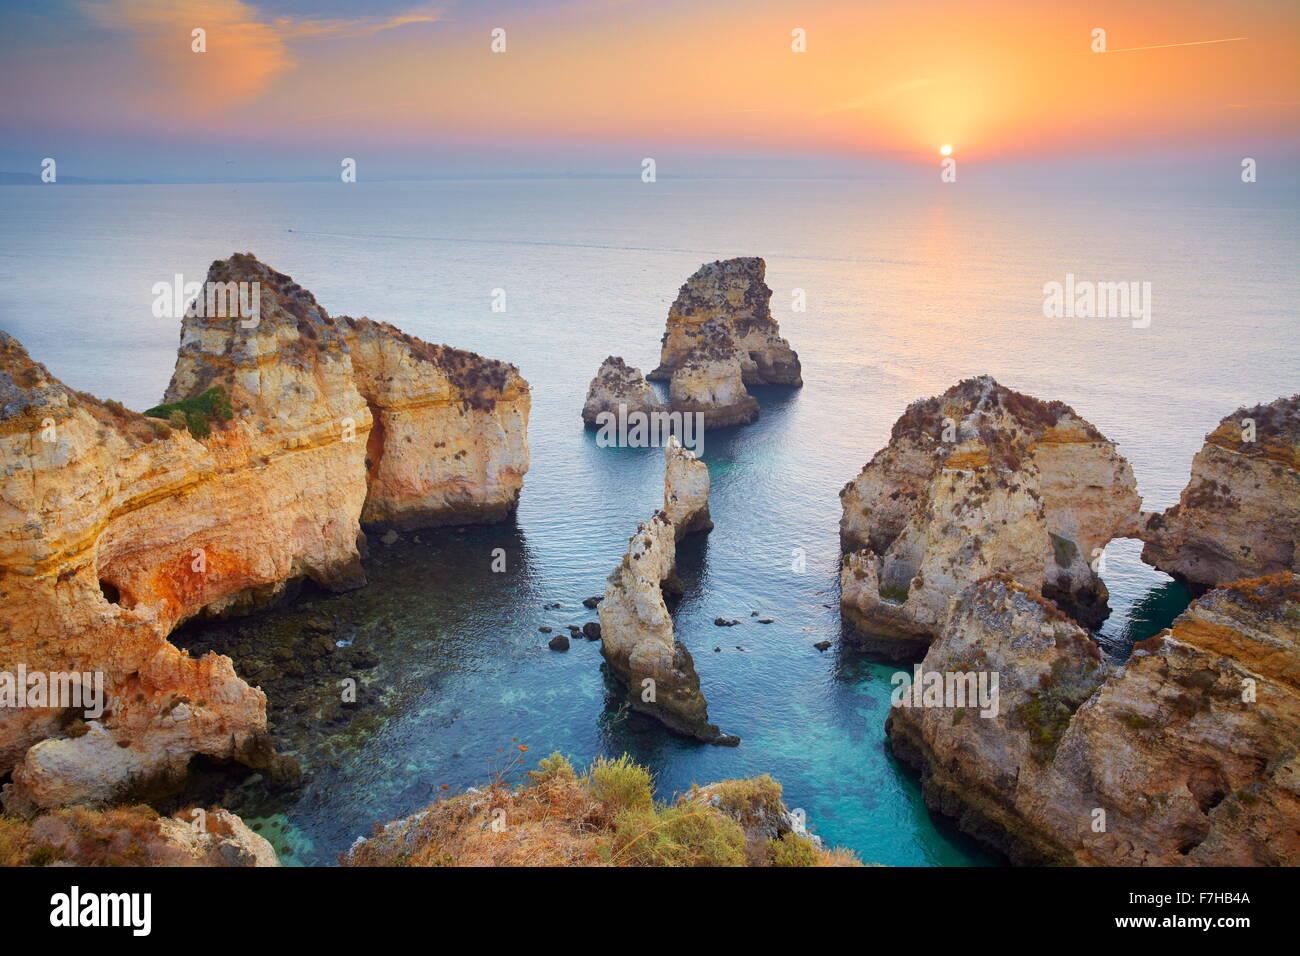 Amanecer en la costa del Algarve, cerca de Lagos, Portugal Imagen De Stock